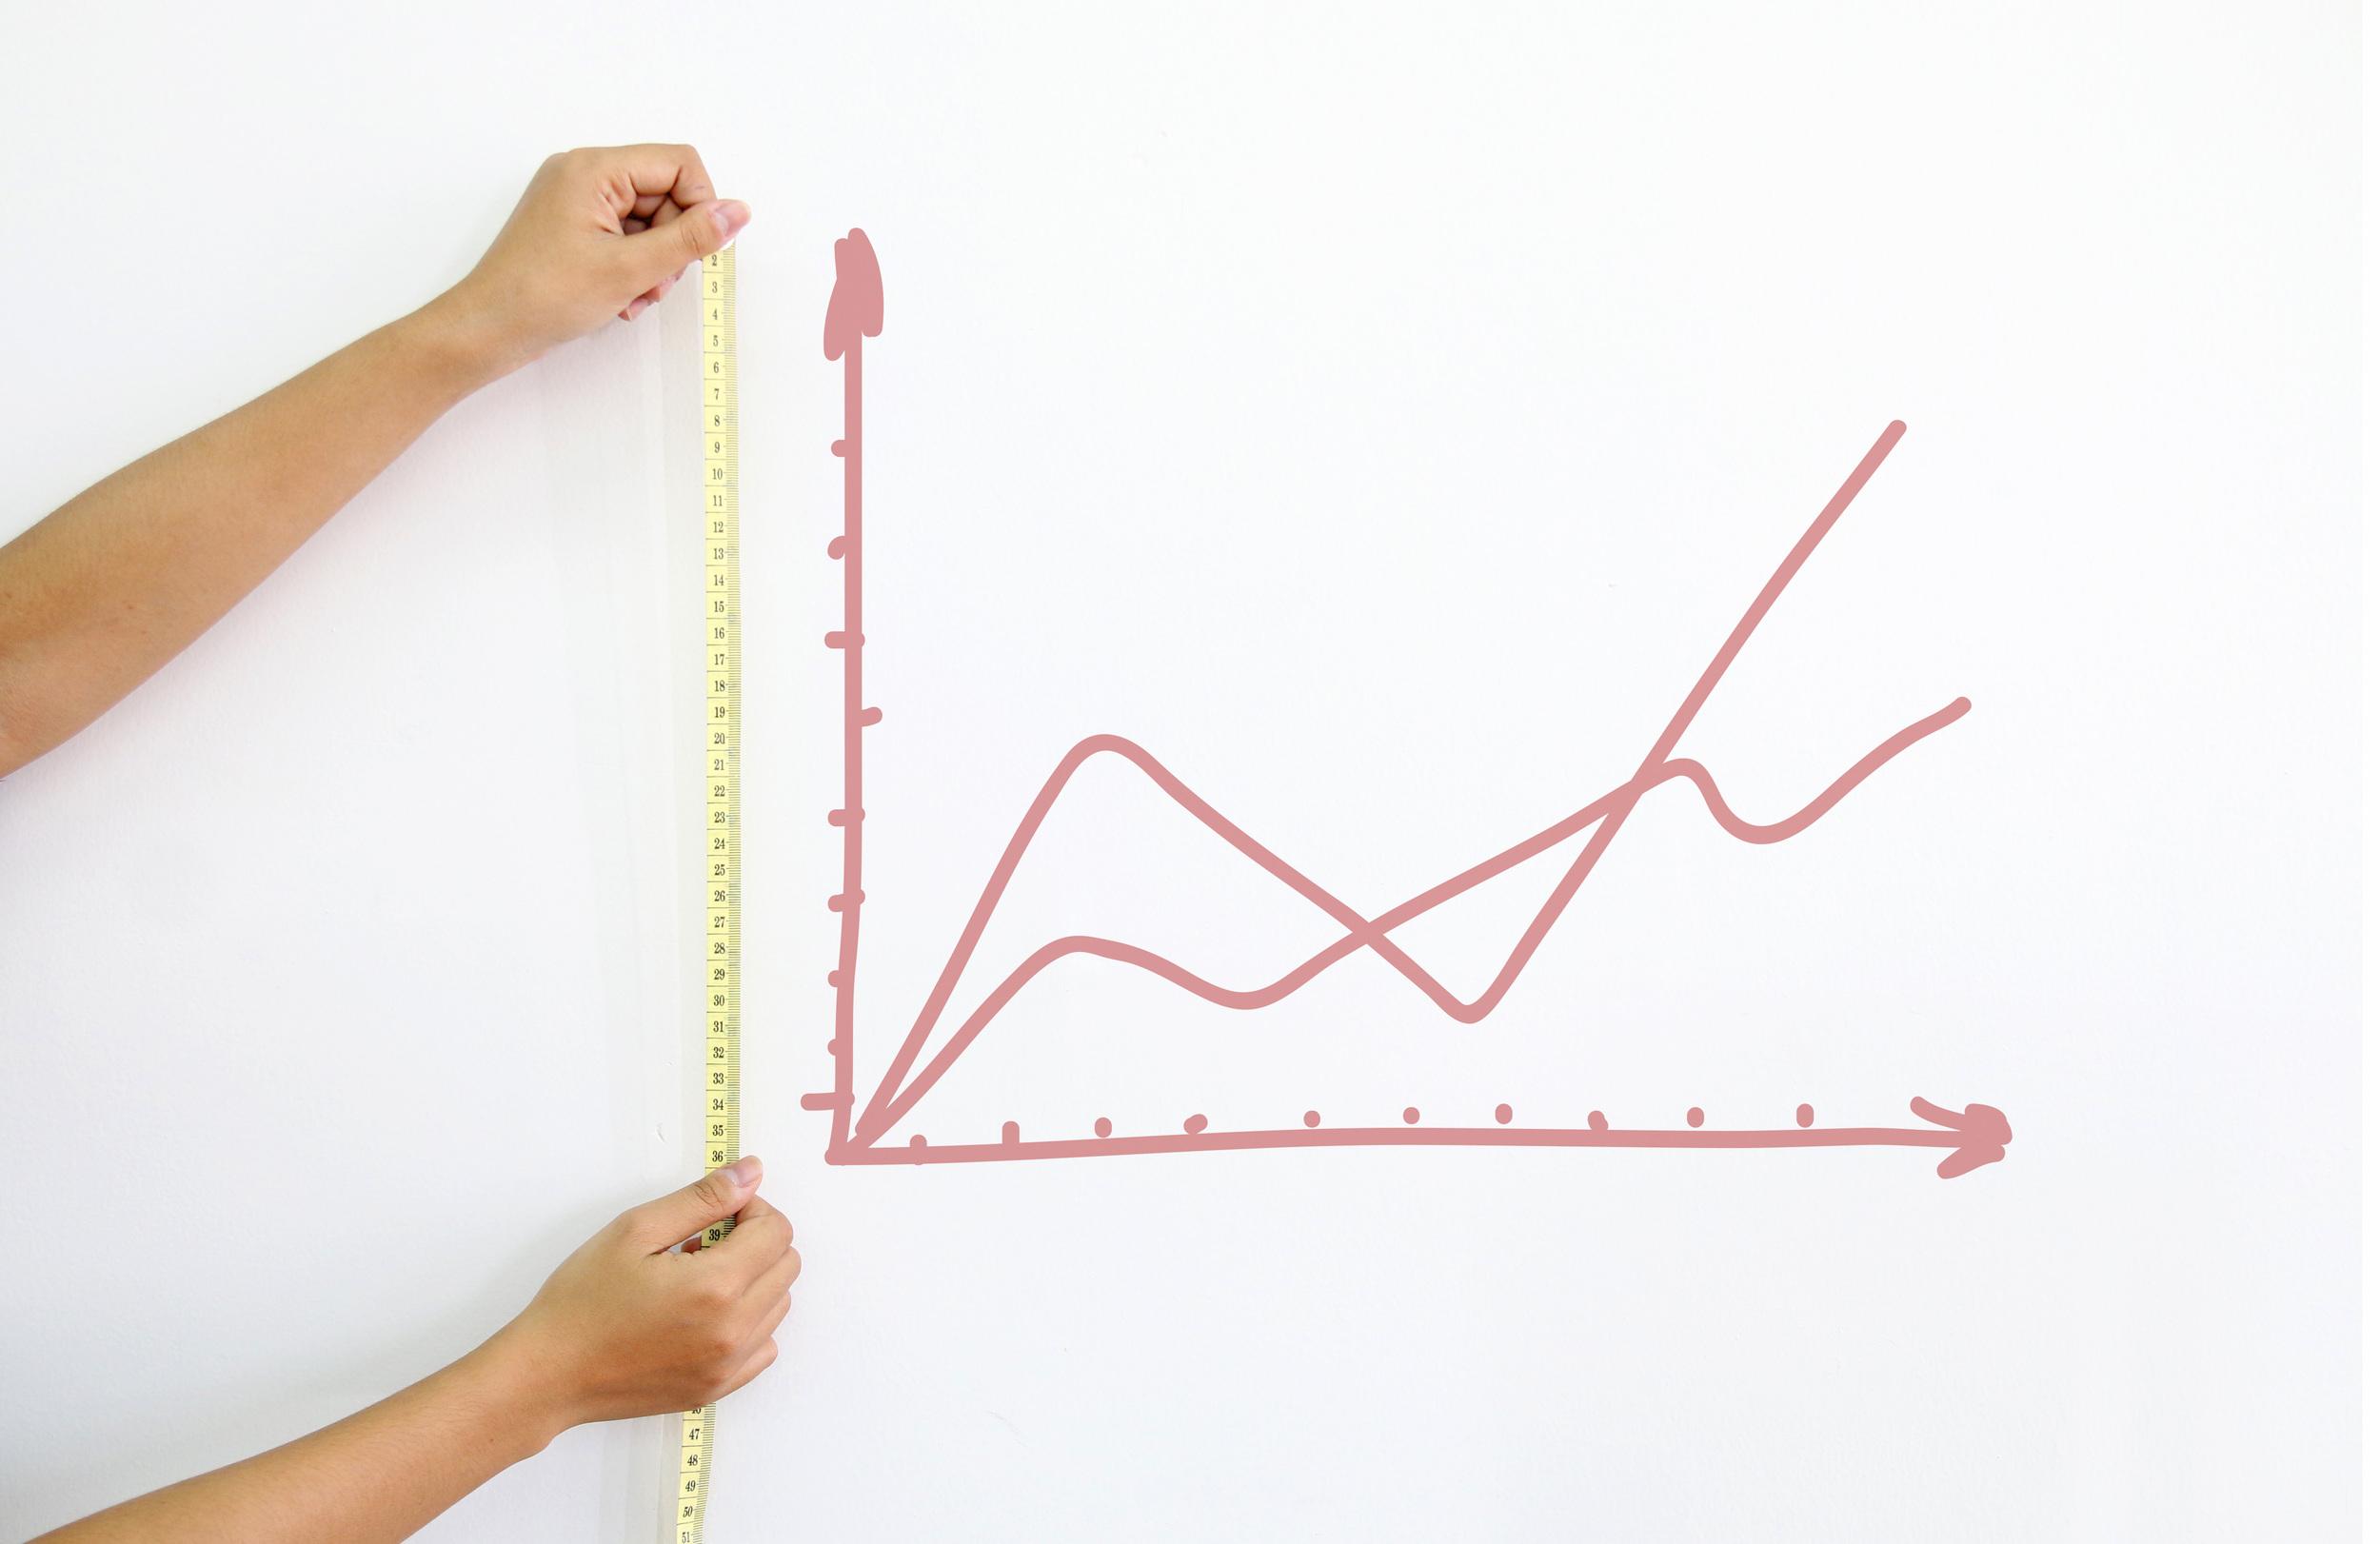 Intensifikasi Untuk Meningkatkan Hasil Produksi Bisnis — Universitas  Ciputra Entrepreneurship Online